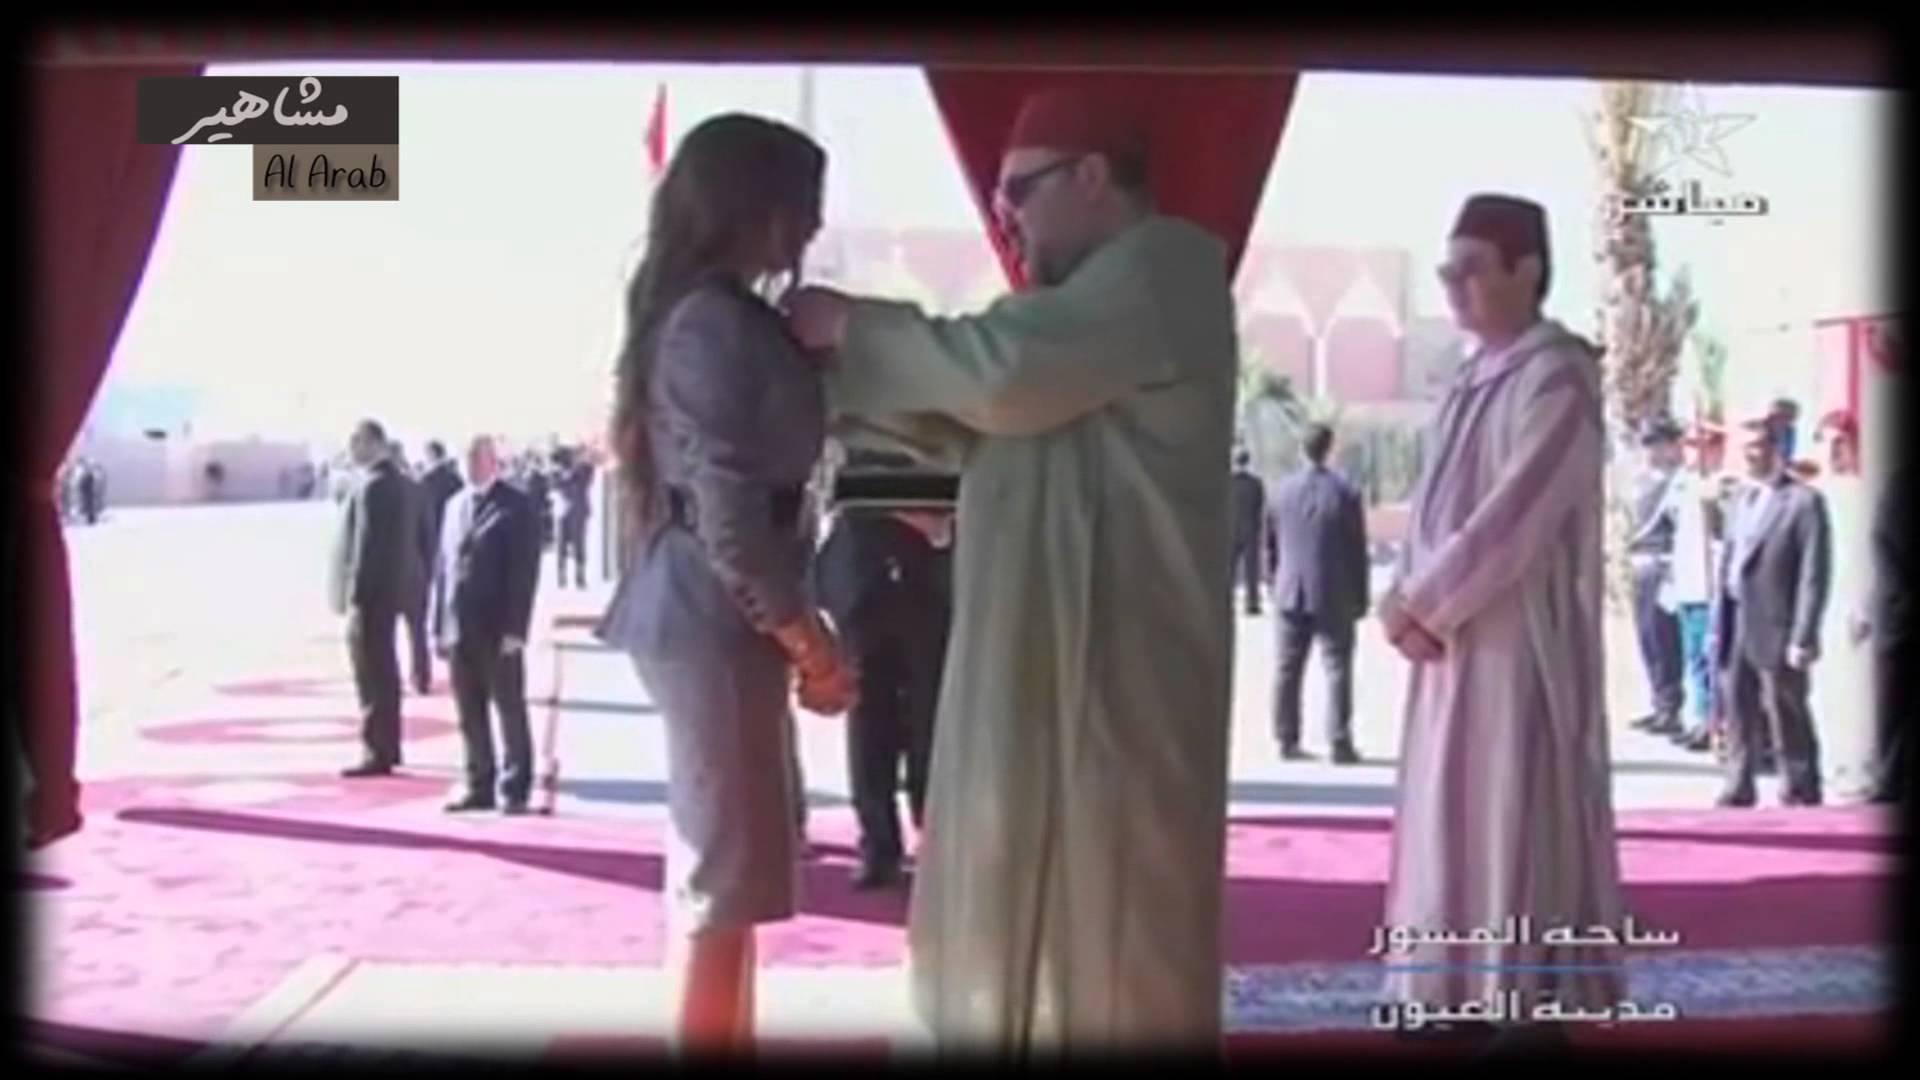 المطربة المغربية دنيا باطما تكتري طائرة خاصة لتسلم الوسام الملكي